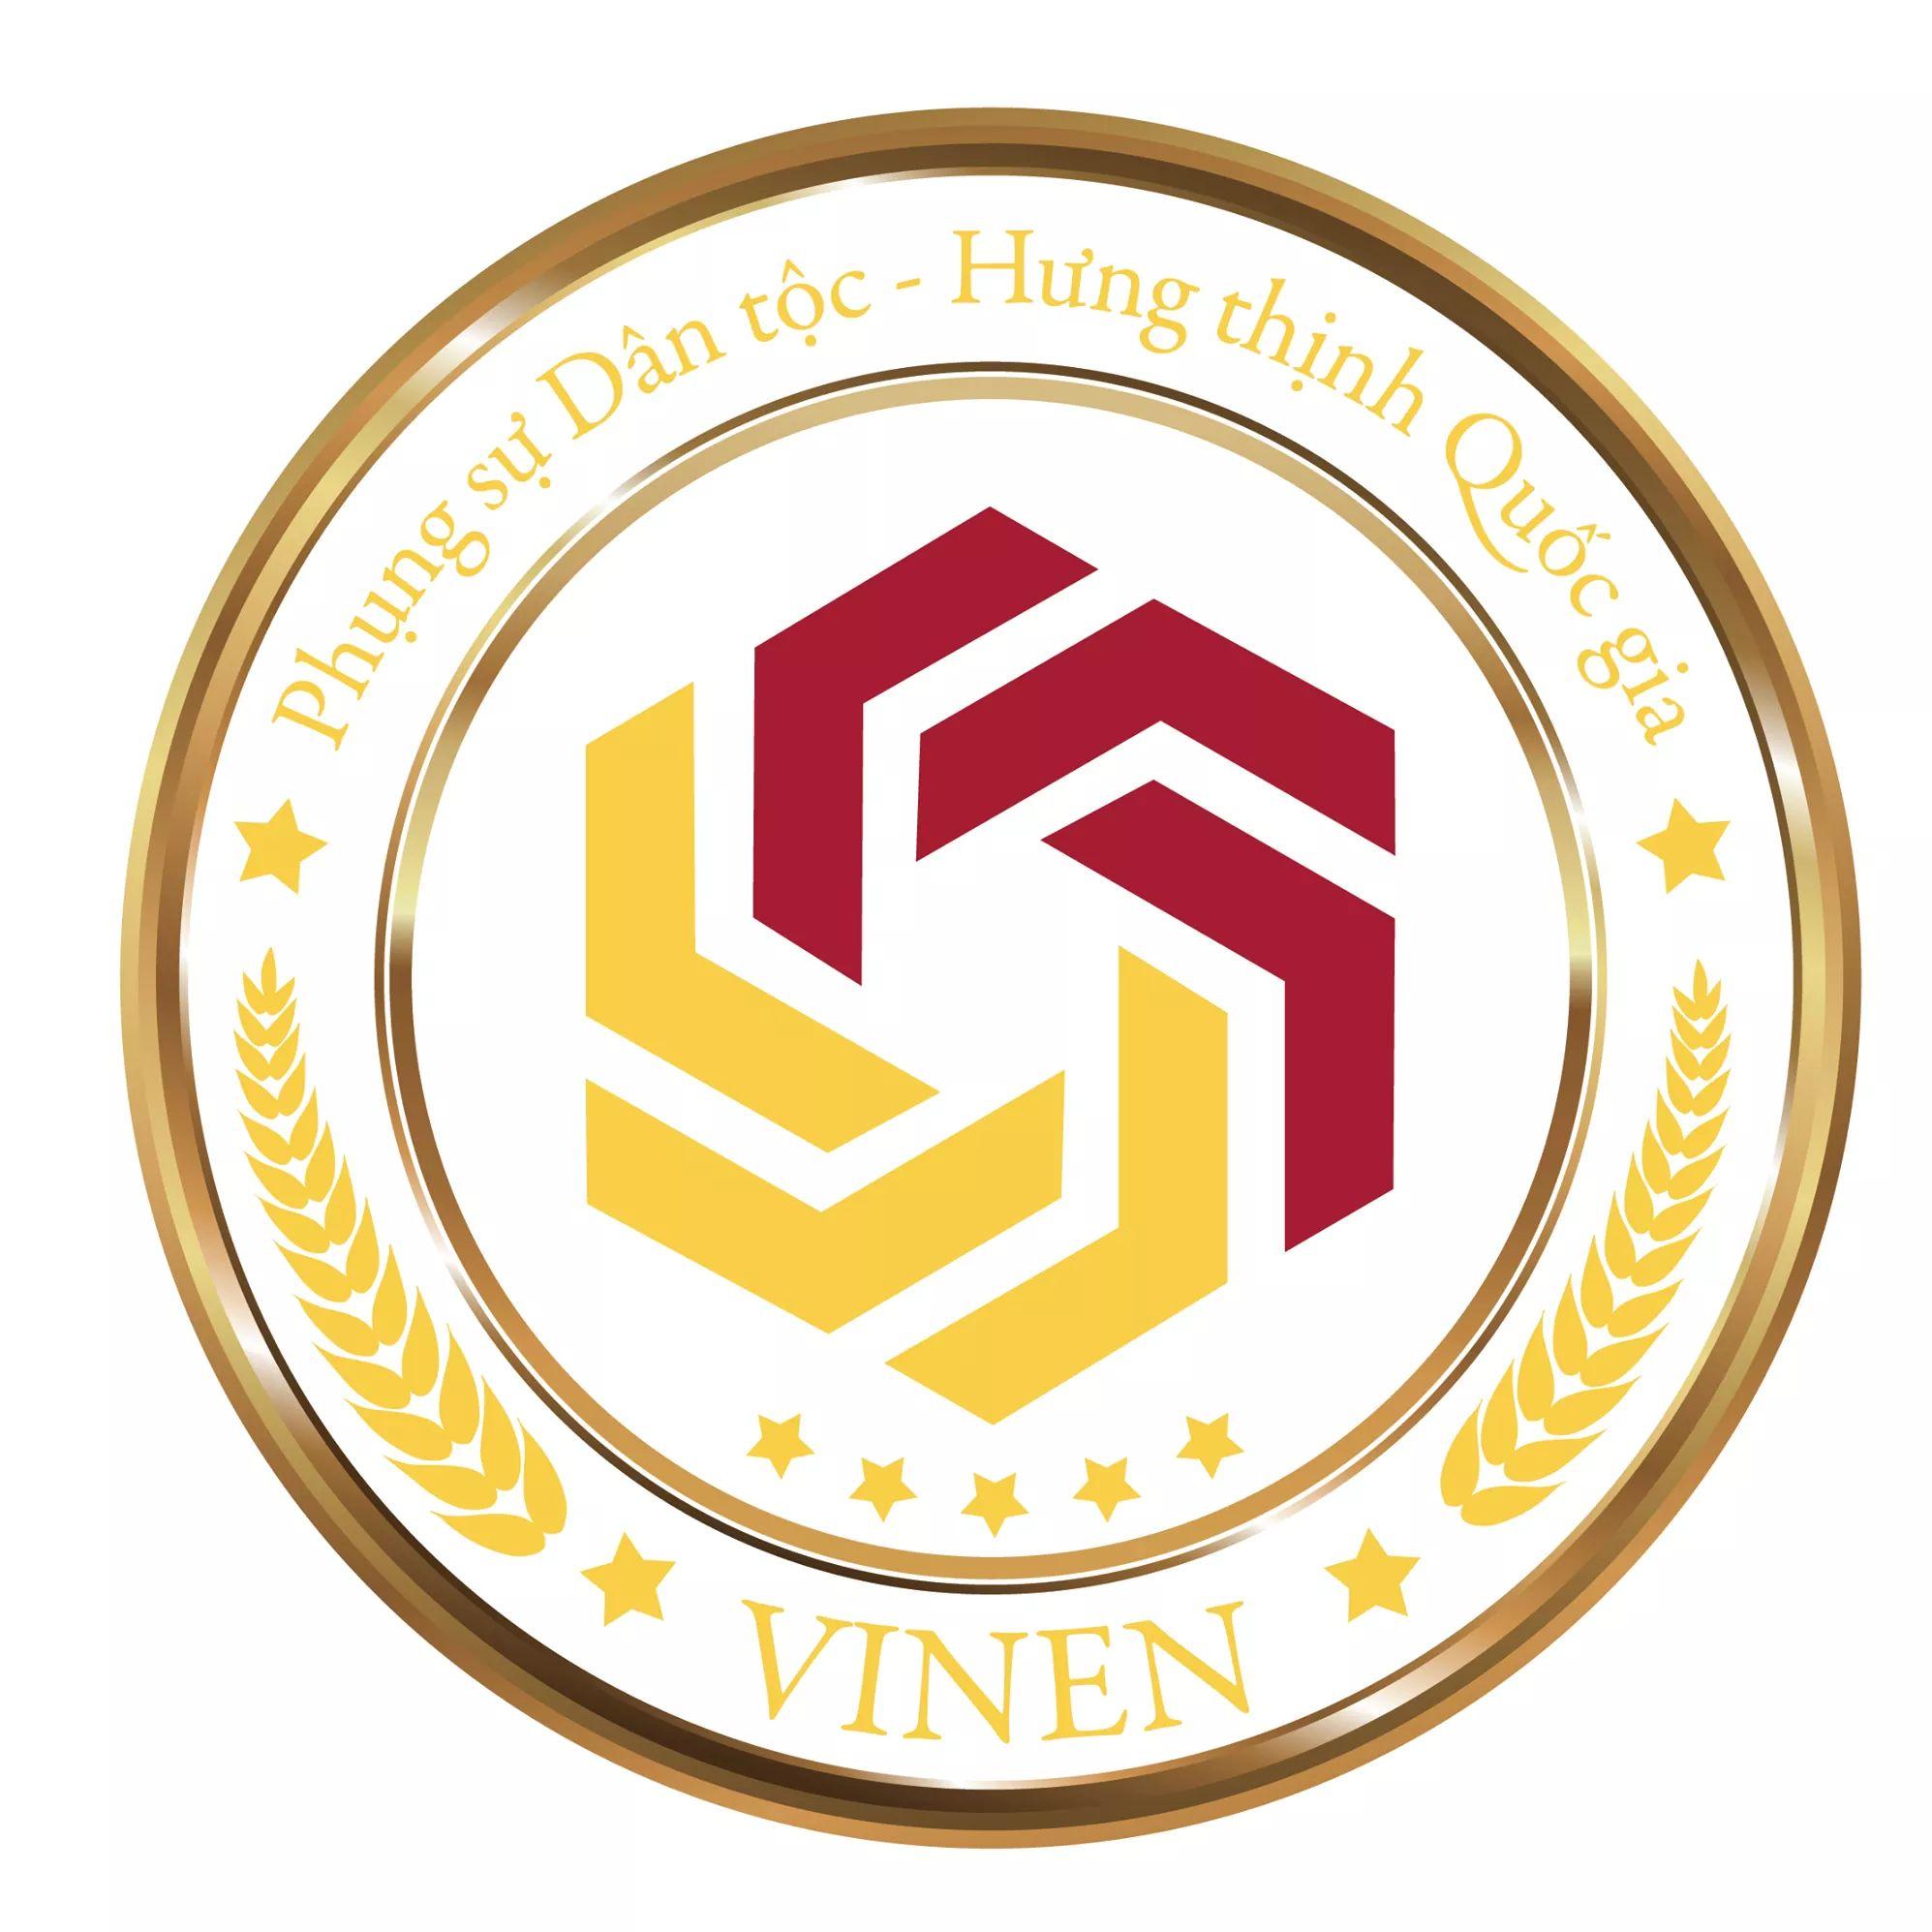 Hiệp hội Khởi nghiệp Quốc gia - VINEN